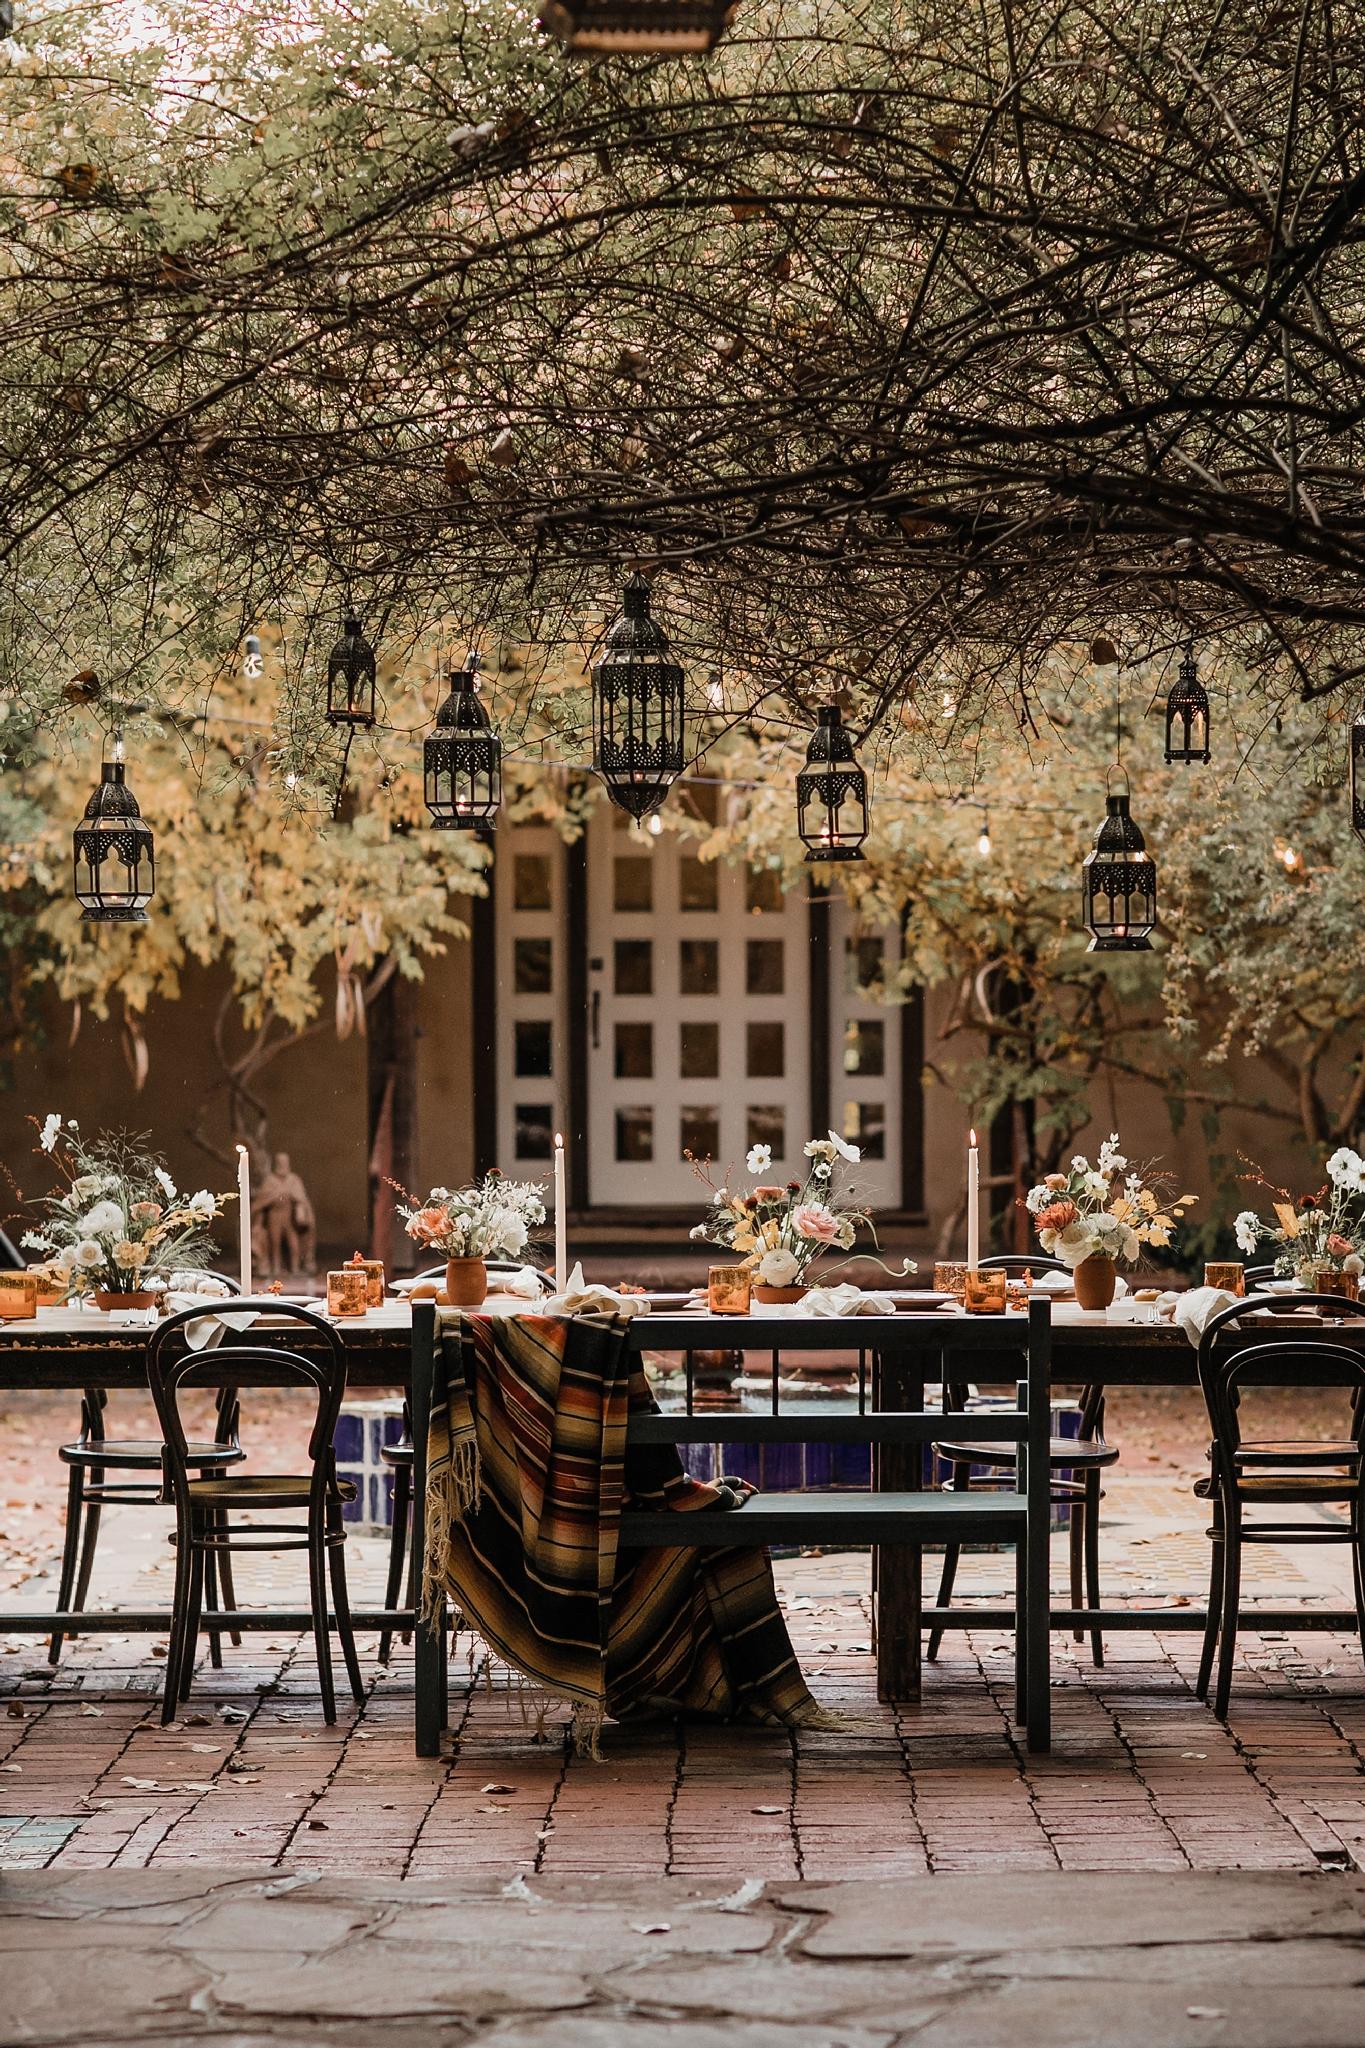 Alicia+lucia+photography+-+albuquerque+wedding+photographer+-+santa+fe+wedding+photography+-+new+mexico+wedding+photographer+-+new+mexico+wedding+-+new+mexico+wedding+-+wedding+planner+-+wedding+rentals+-+new+mexico+wedding+vendor_0006.jpg